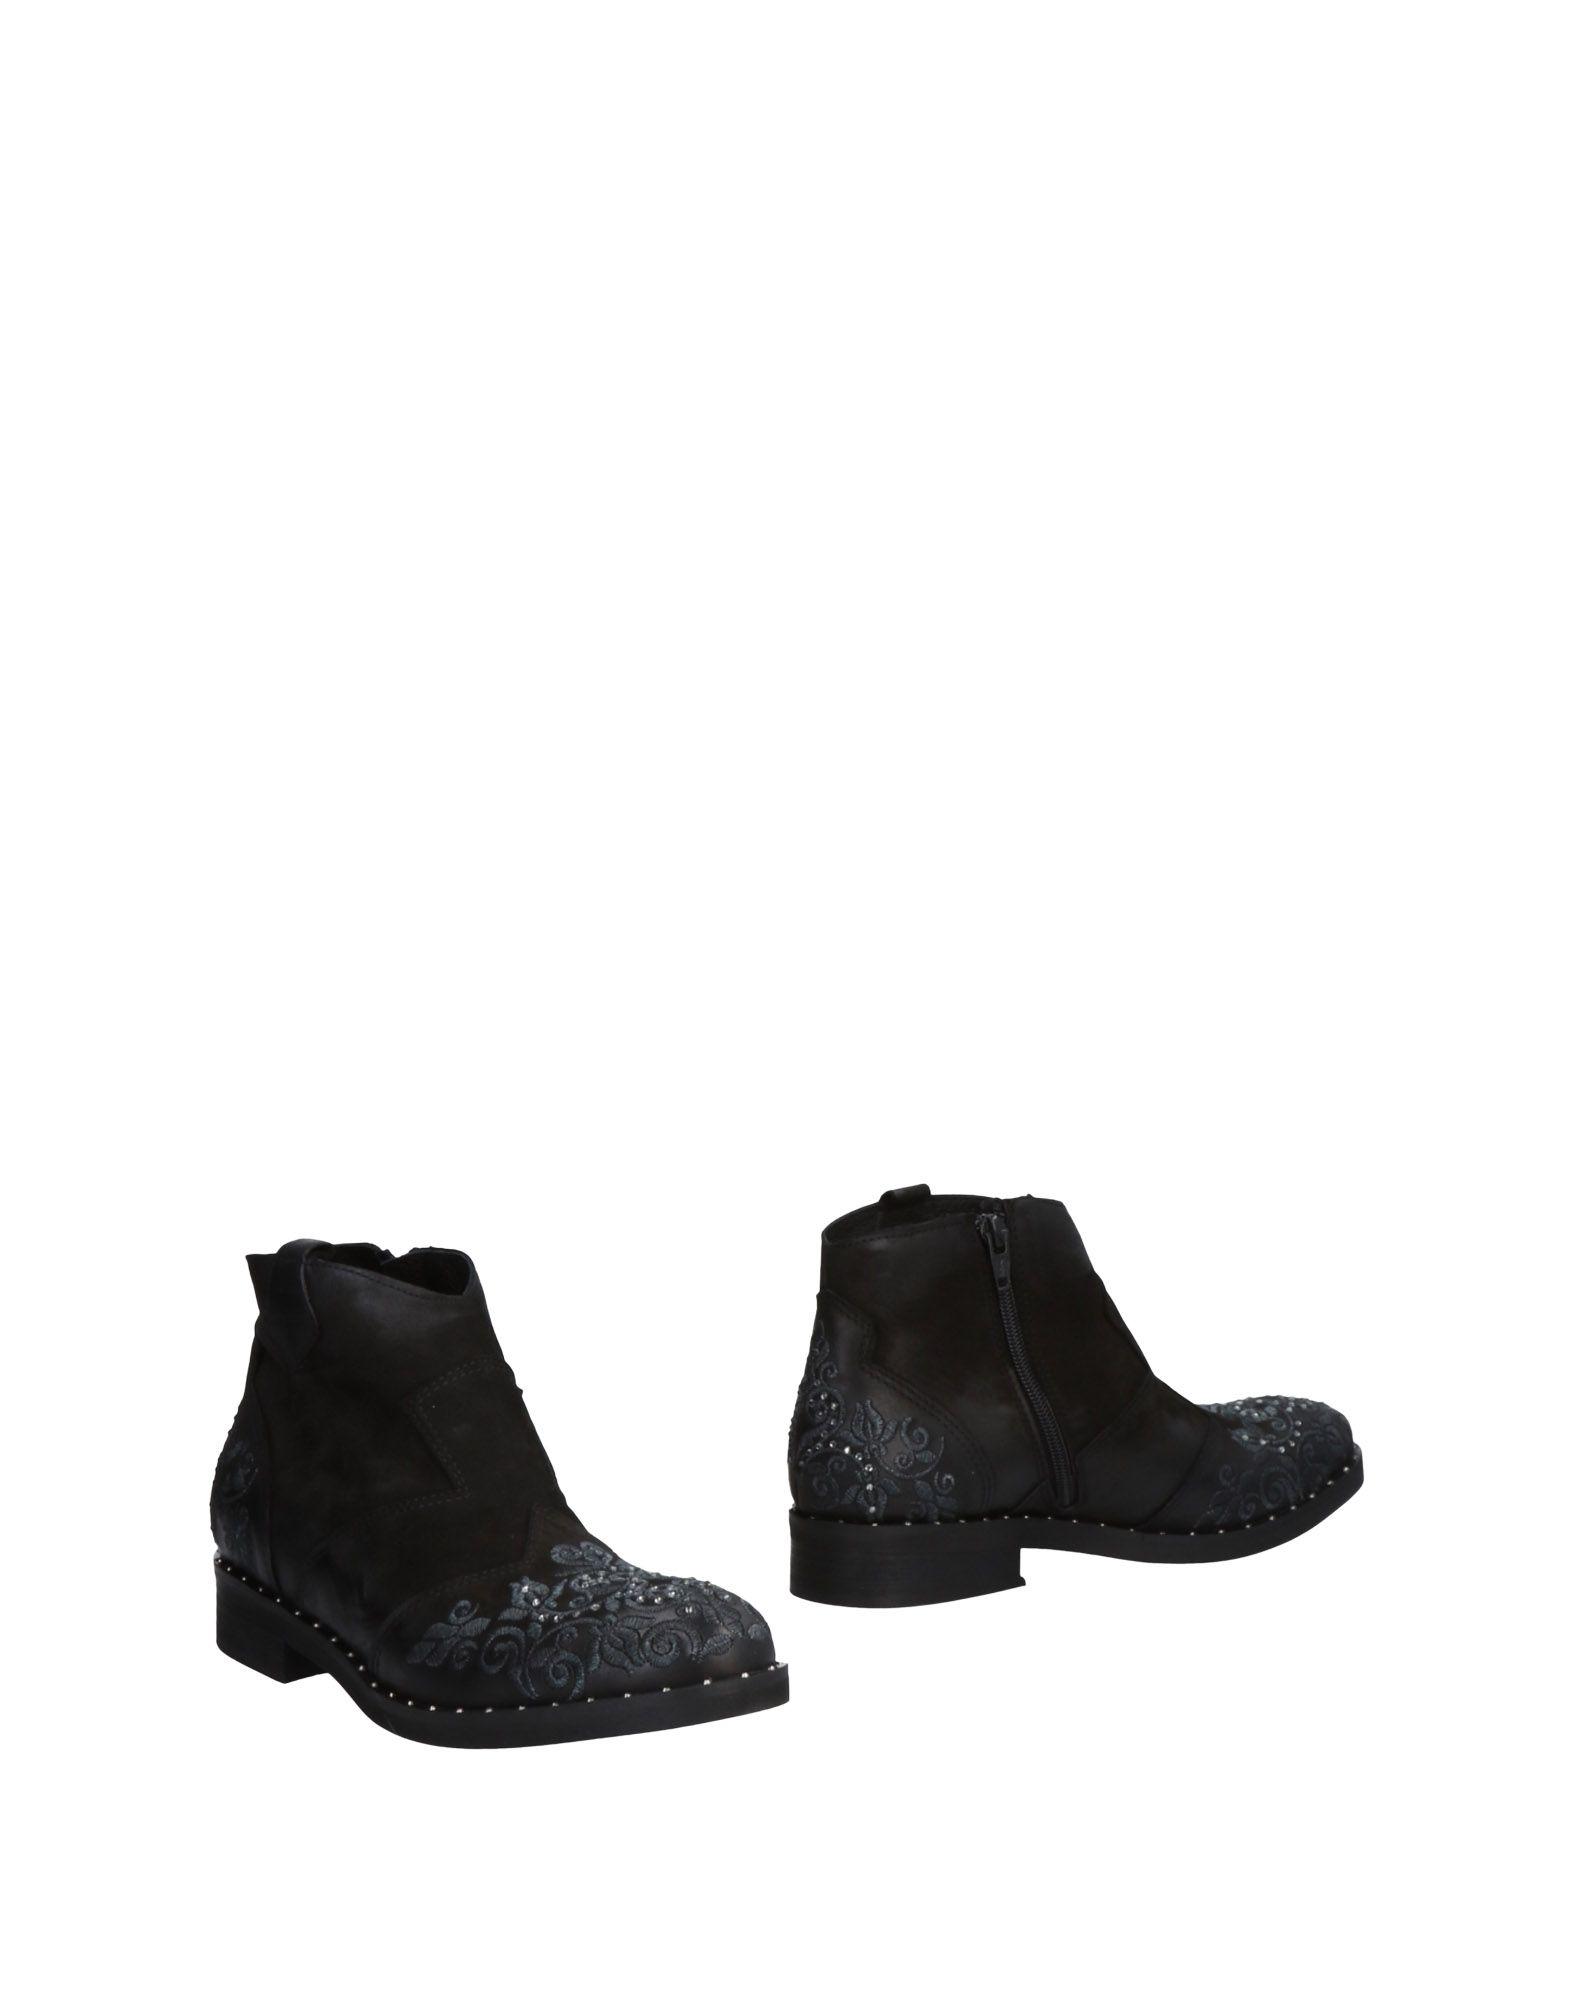 Haltbare Mode billige Schuhe N'sand® Stiefelette Damen  11456236UP Heiße Schuhe